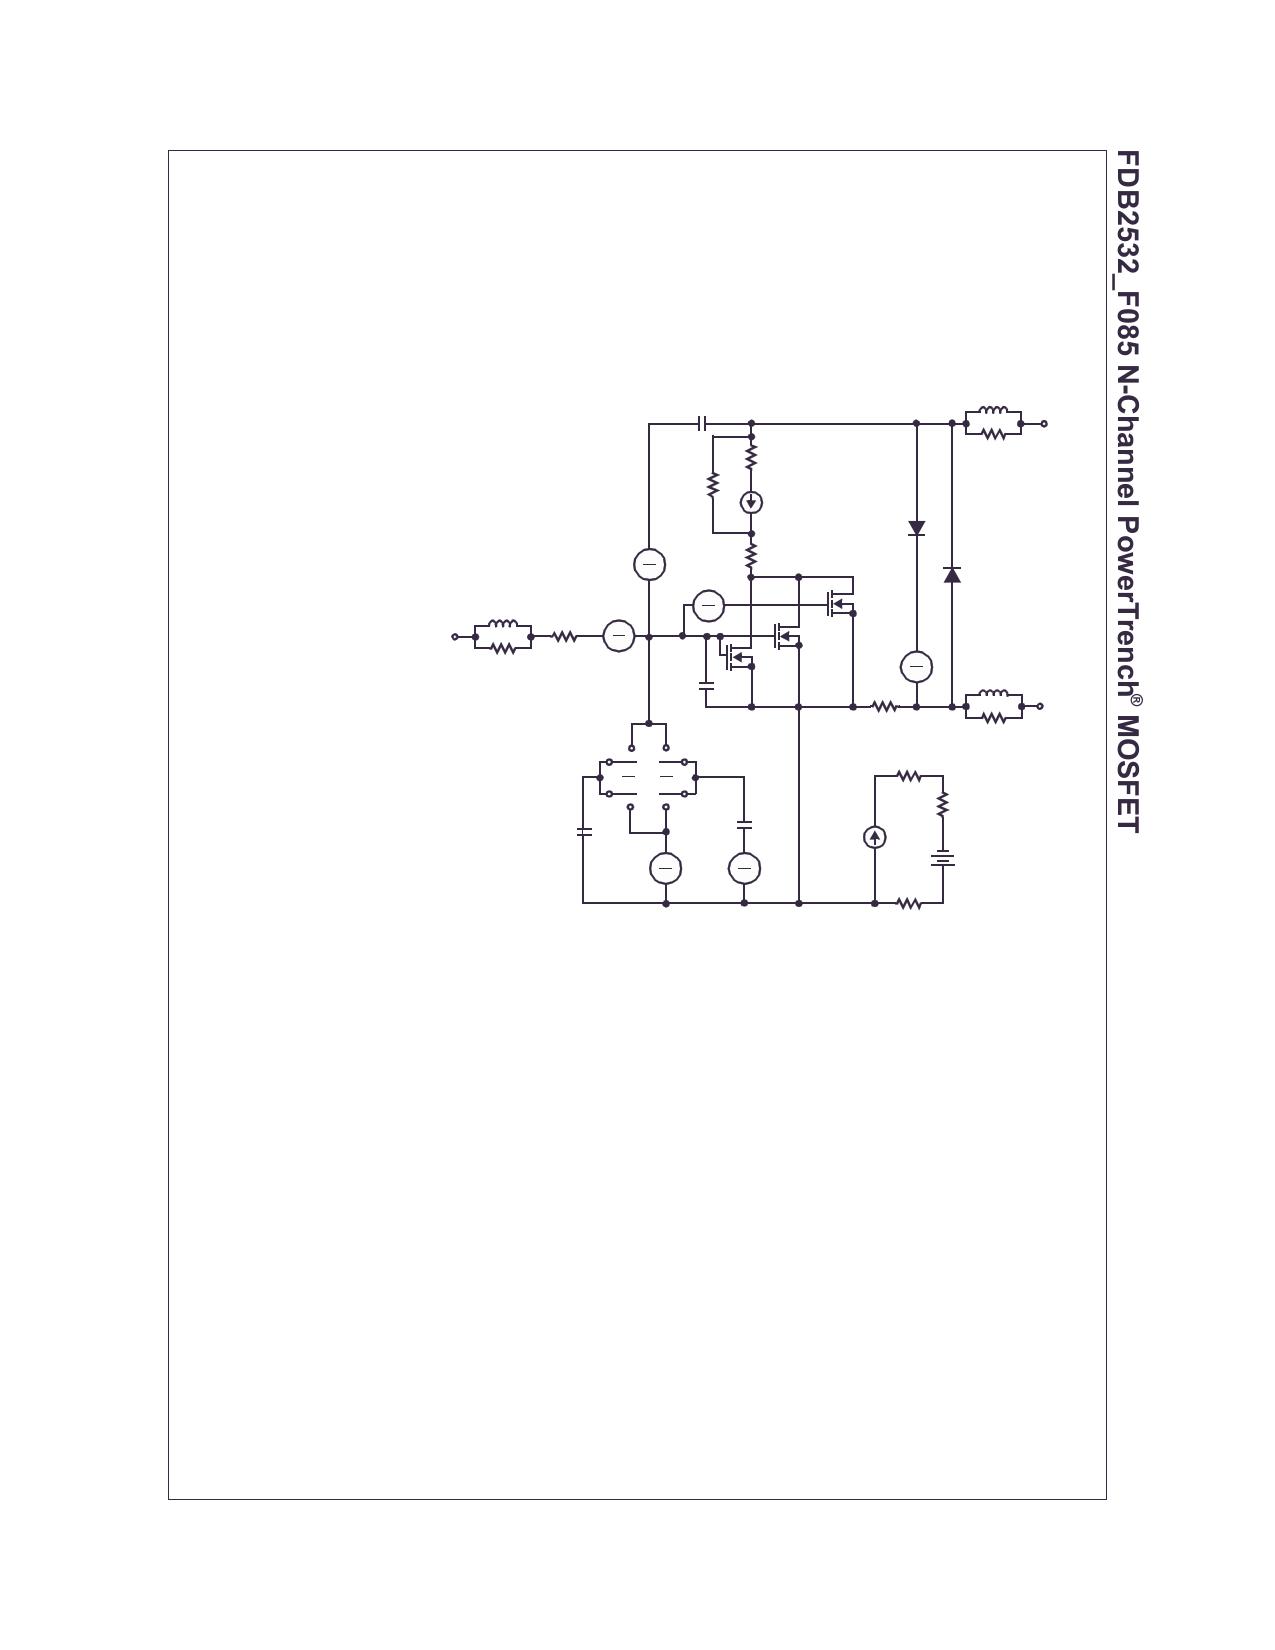 FDB2532_F085 transistor, diode fet, igbt, scr